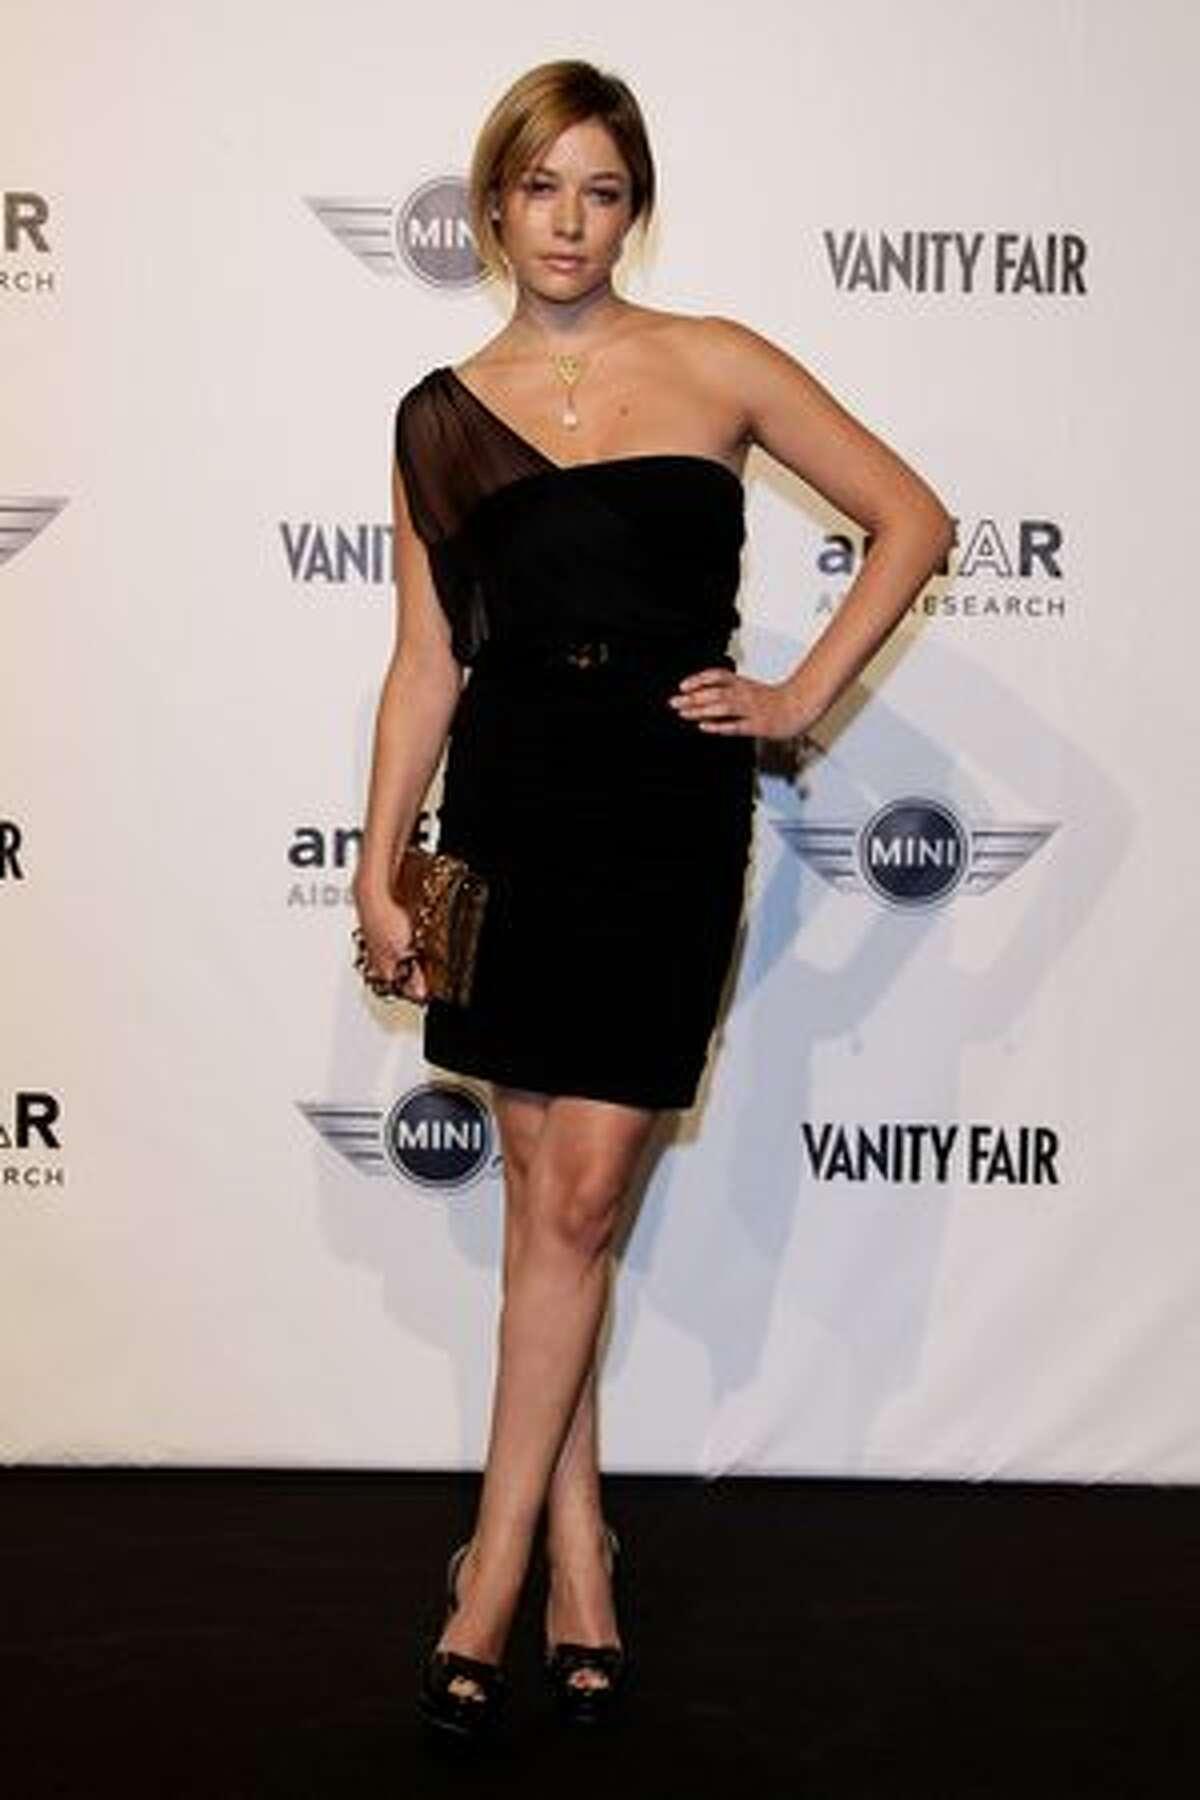 Sara Felberbaum attends amfAR Milano 2010 Red Carpet during Milan Fashion Week Womenswear Spring/Summer 2011 in Milan, Italy.